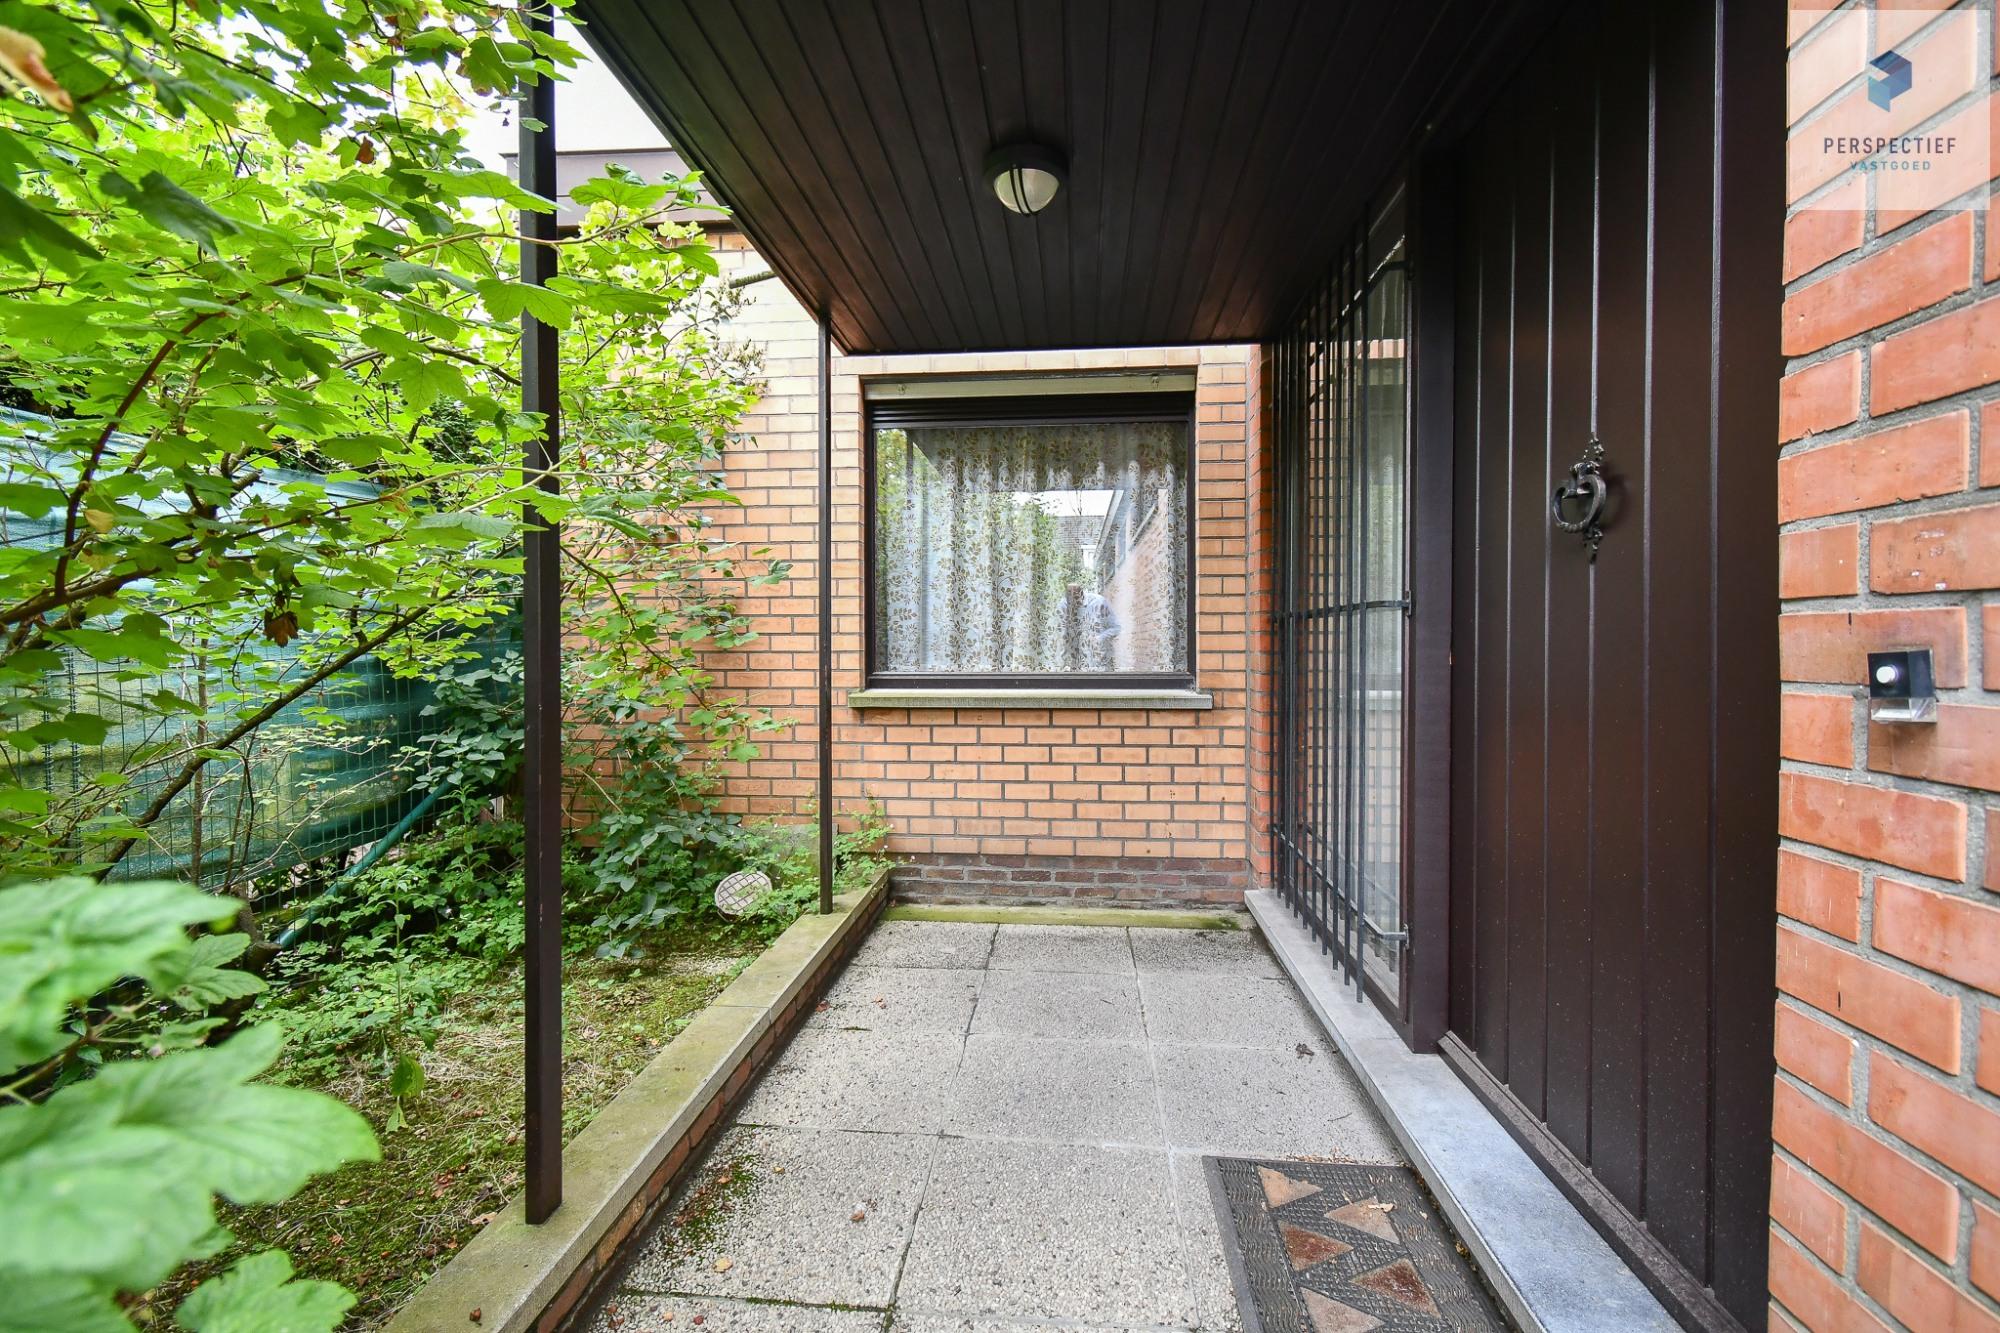 | IN OPTIE | Vrijstaandearchitecturale woningop eentoplocatie, ideaal voor een zelfstandigepraktijk! - 18